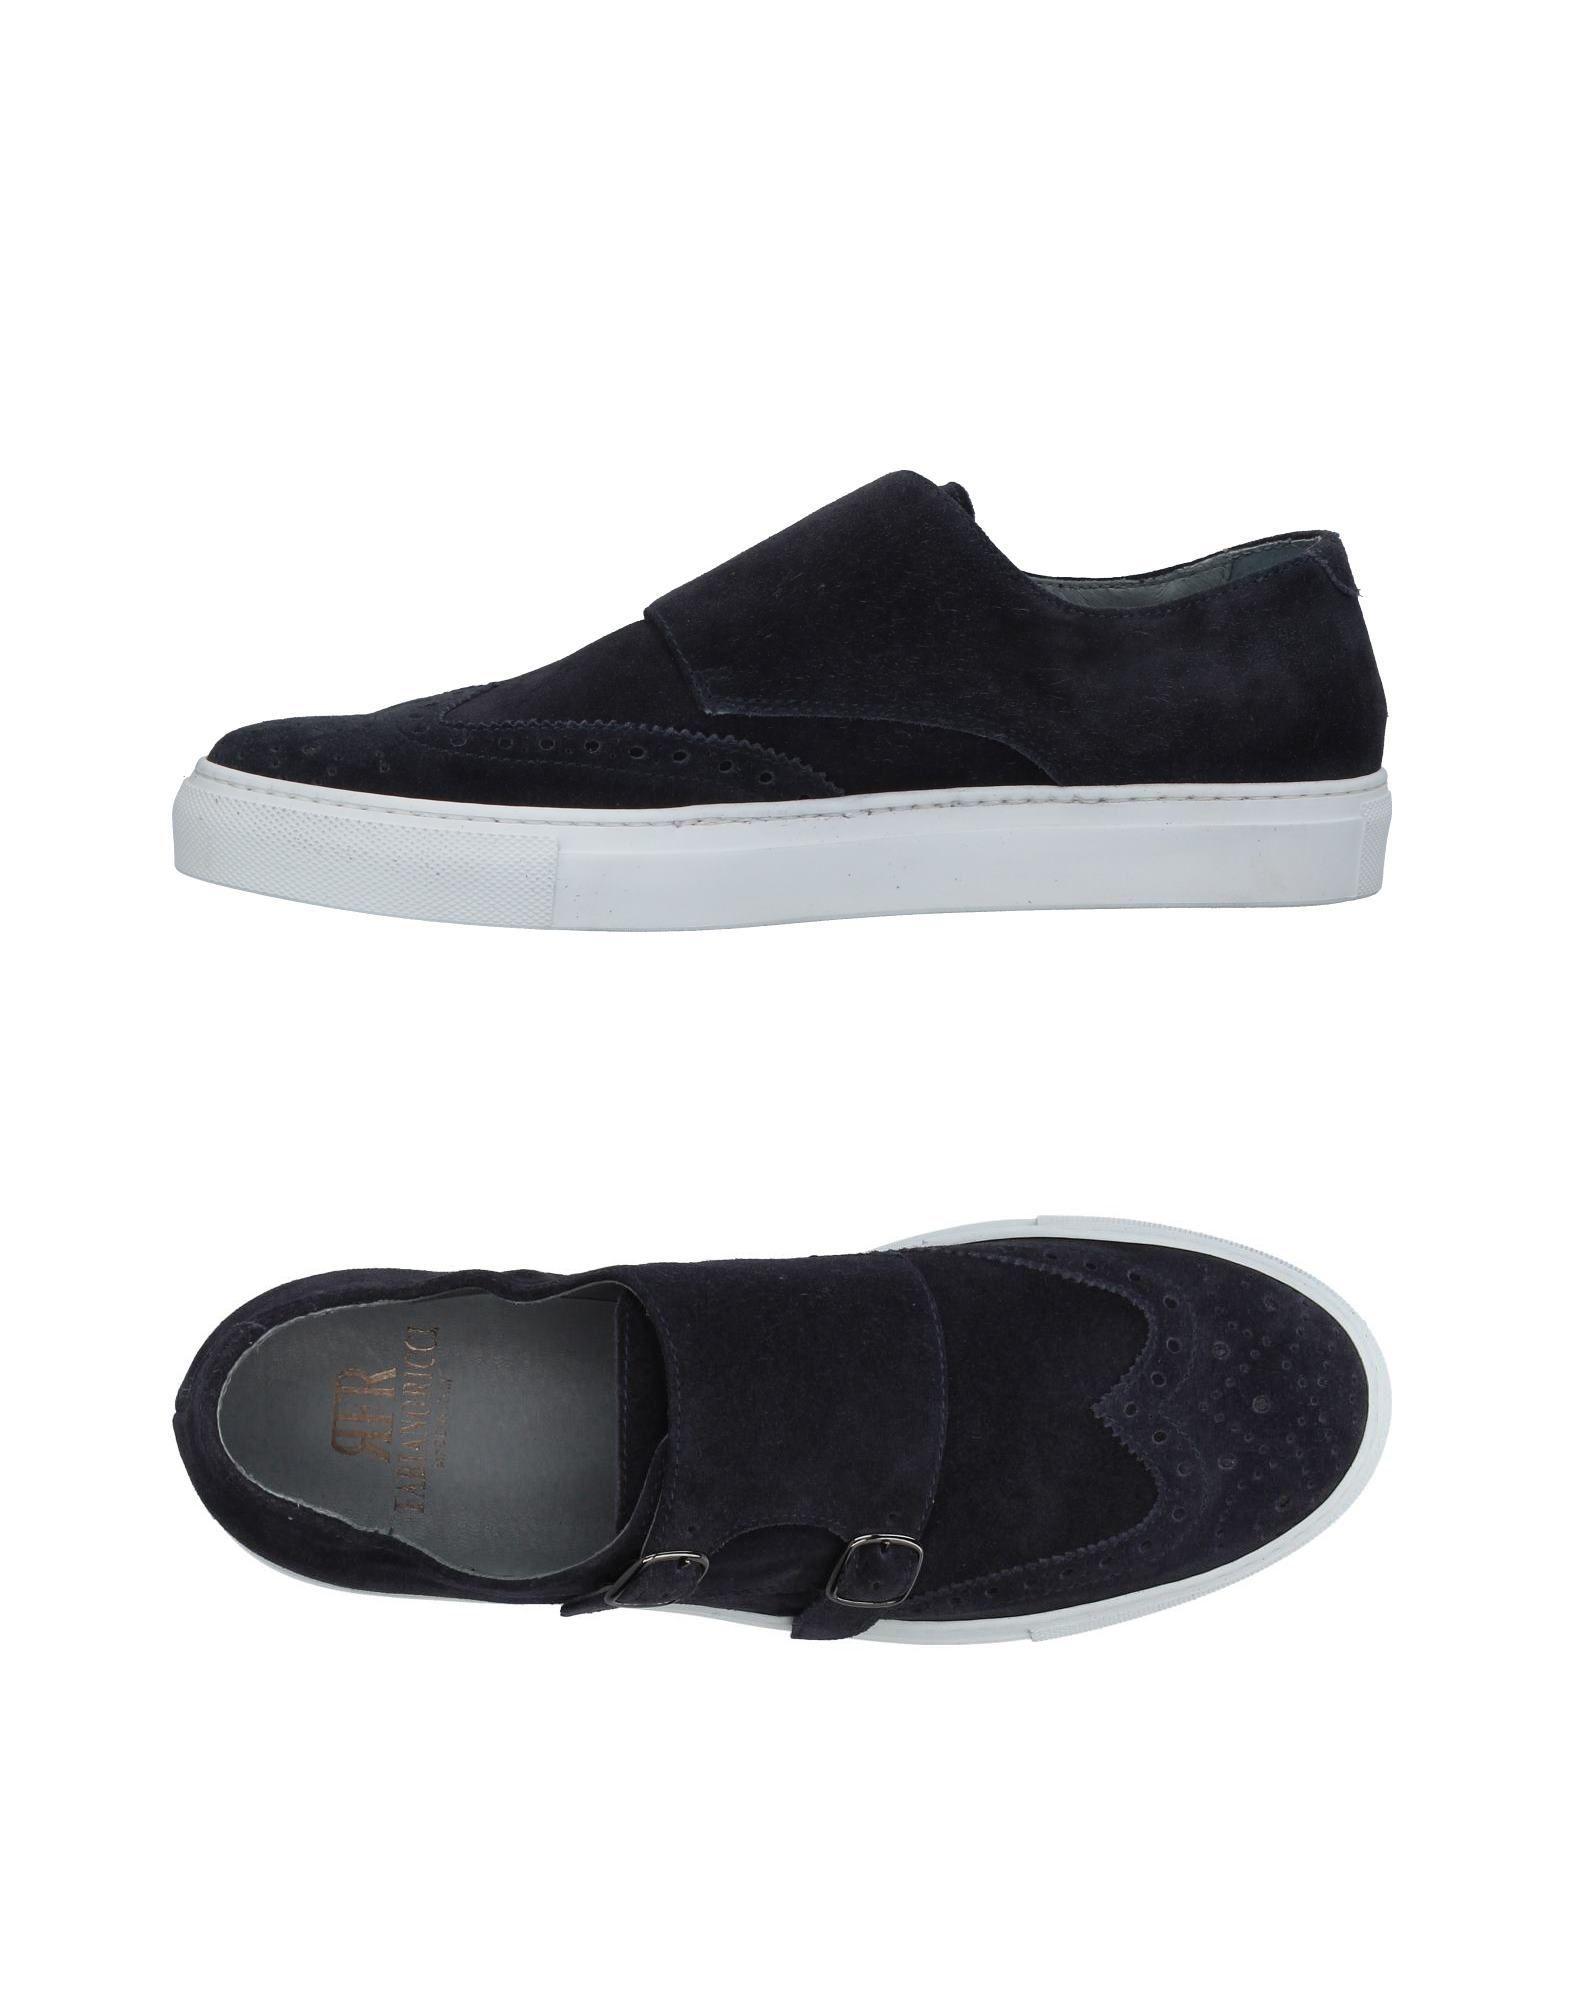 Sneakers Fabiano Ricci Homme - Sneakers Fabiano Ricci  Bleu pétrole Dernières chaussures discount pour hommes et femmes